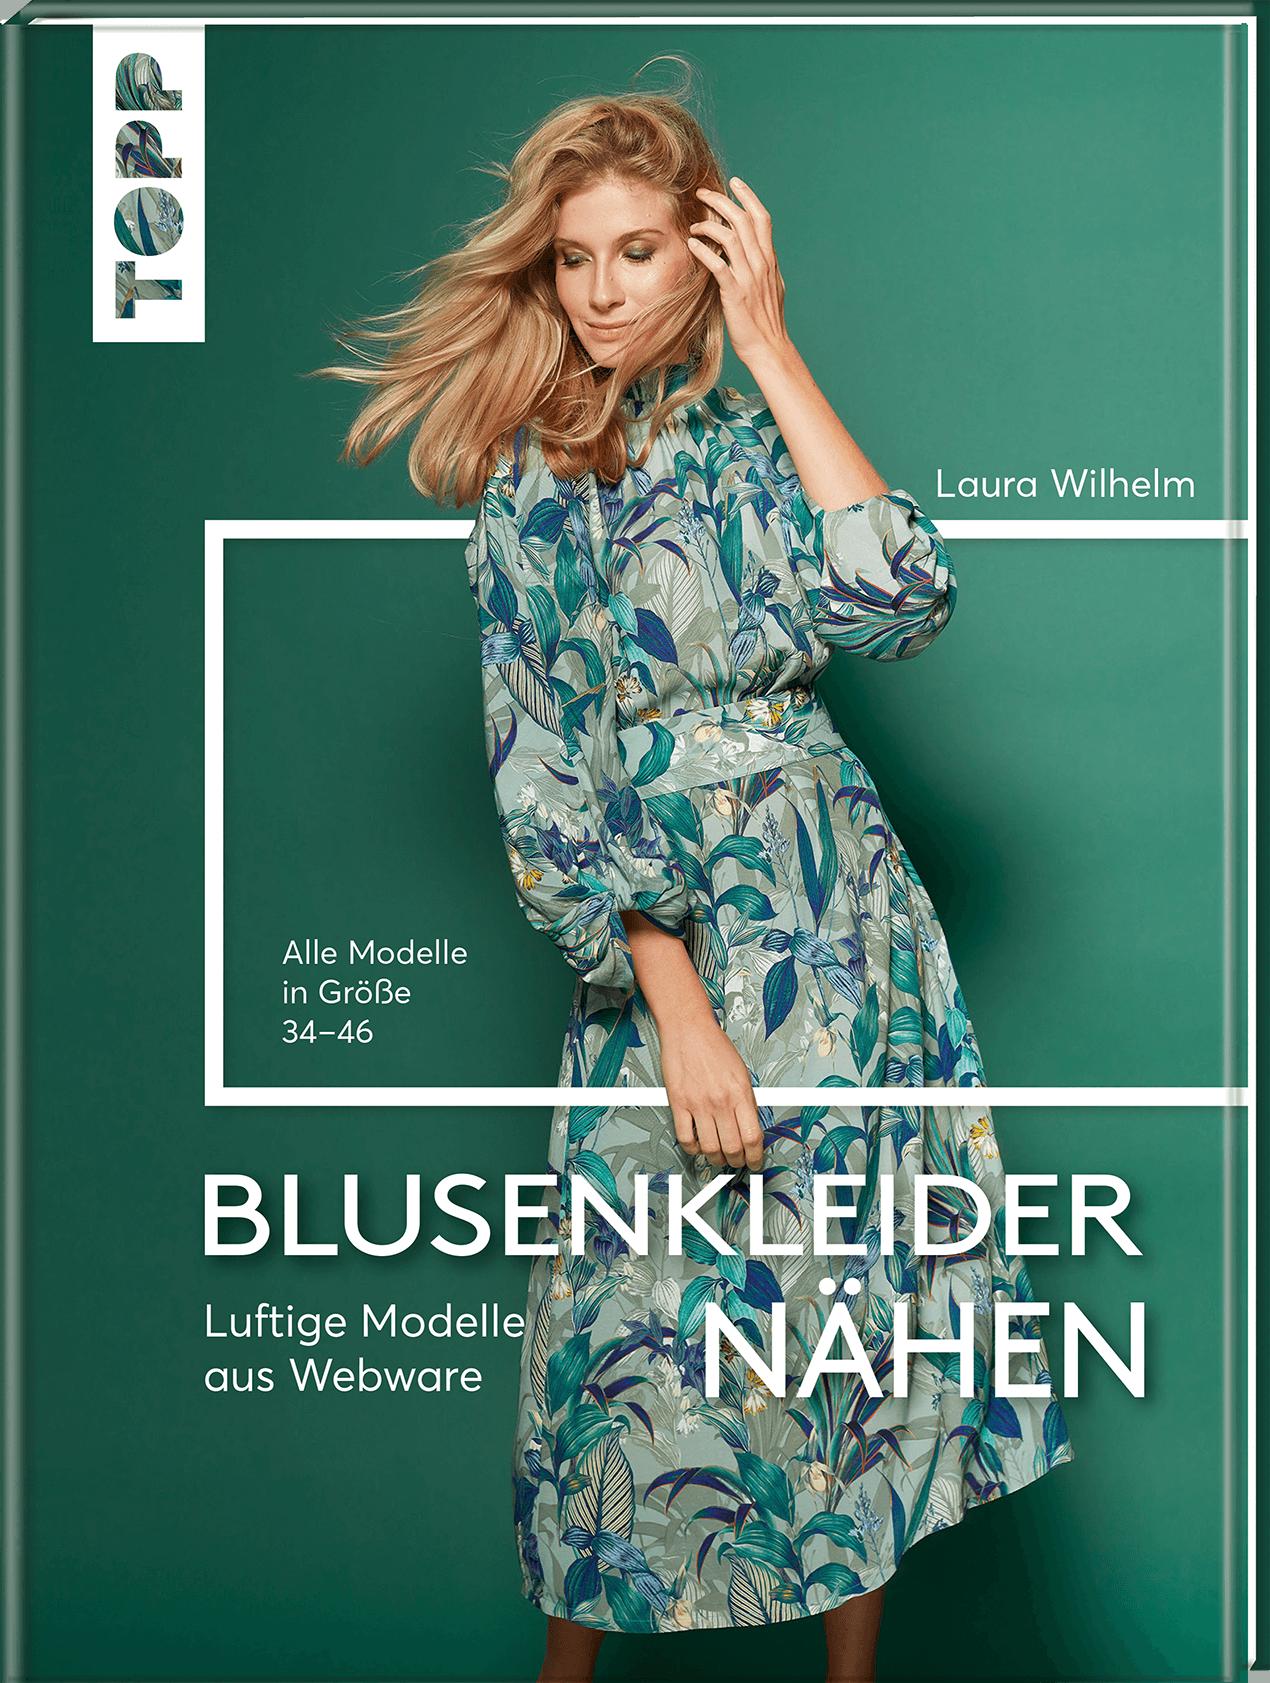 Blusenkleider Nahen Buch Von Laura Wilhelm Topp